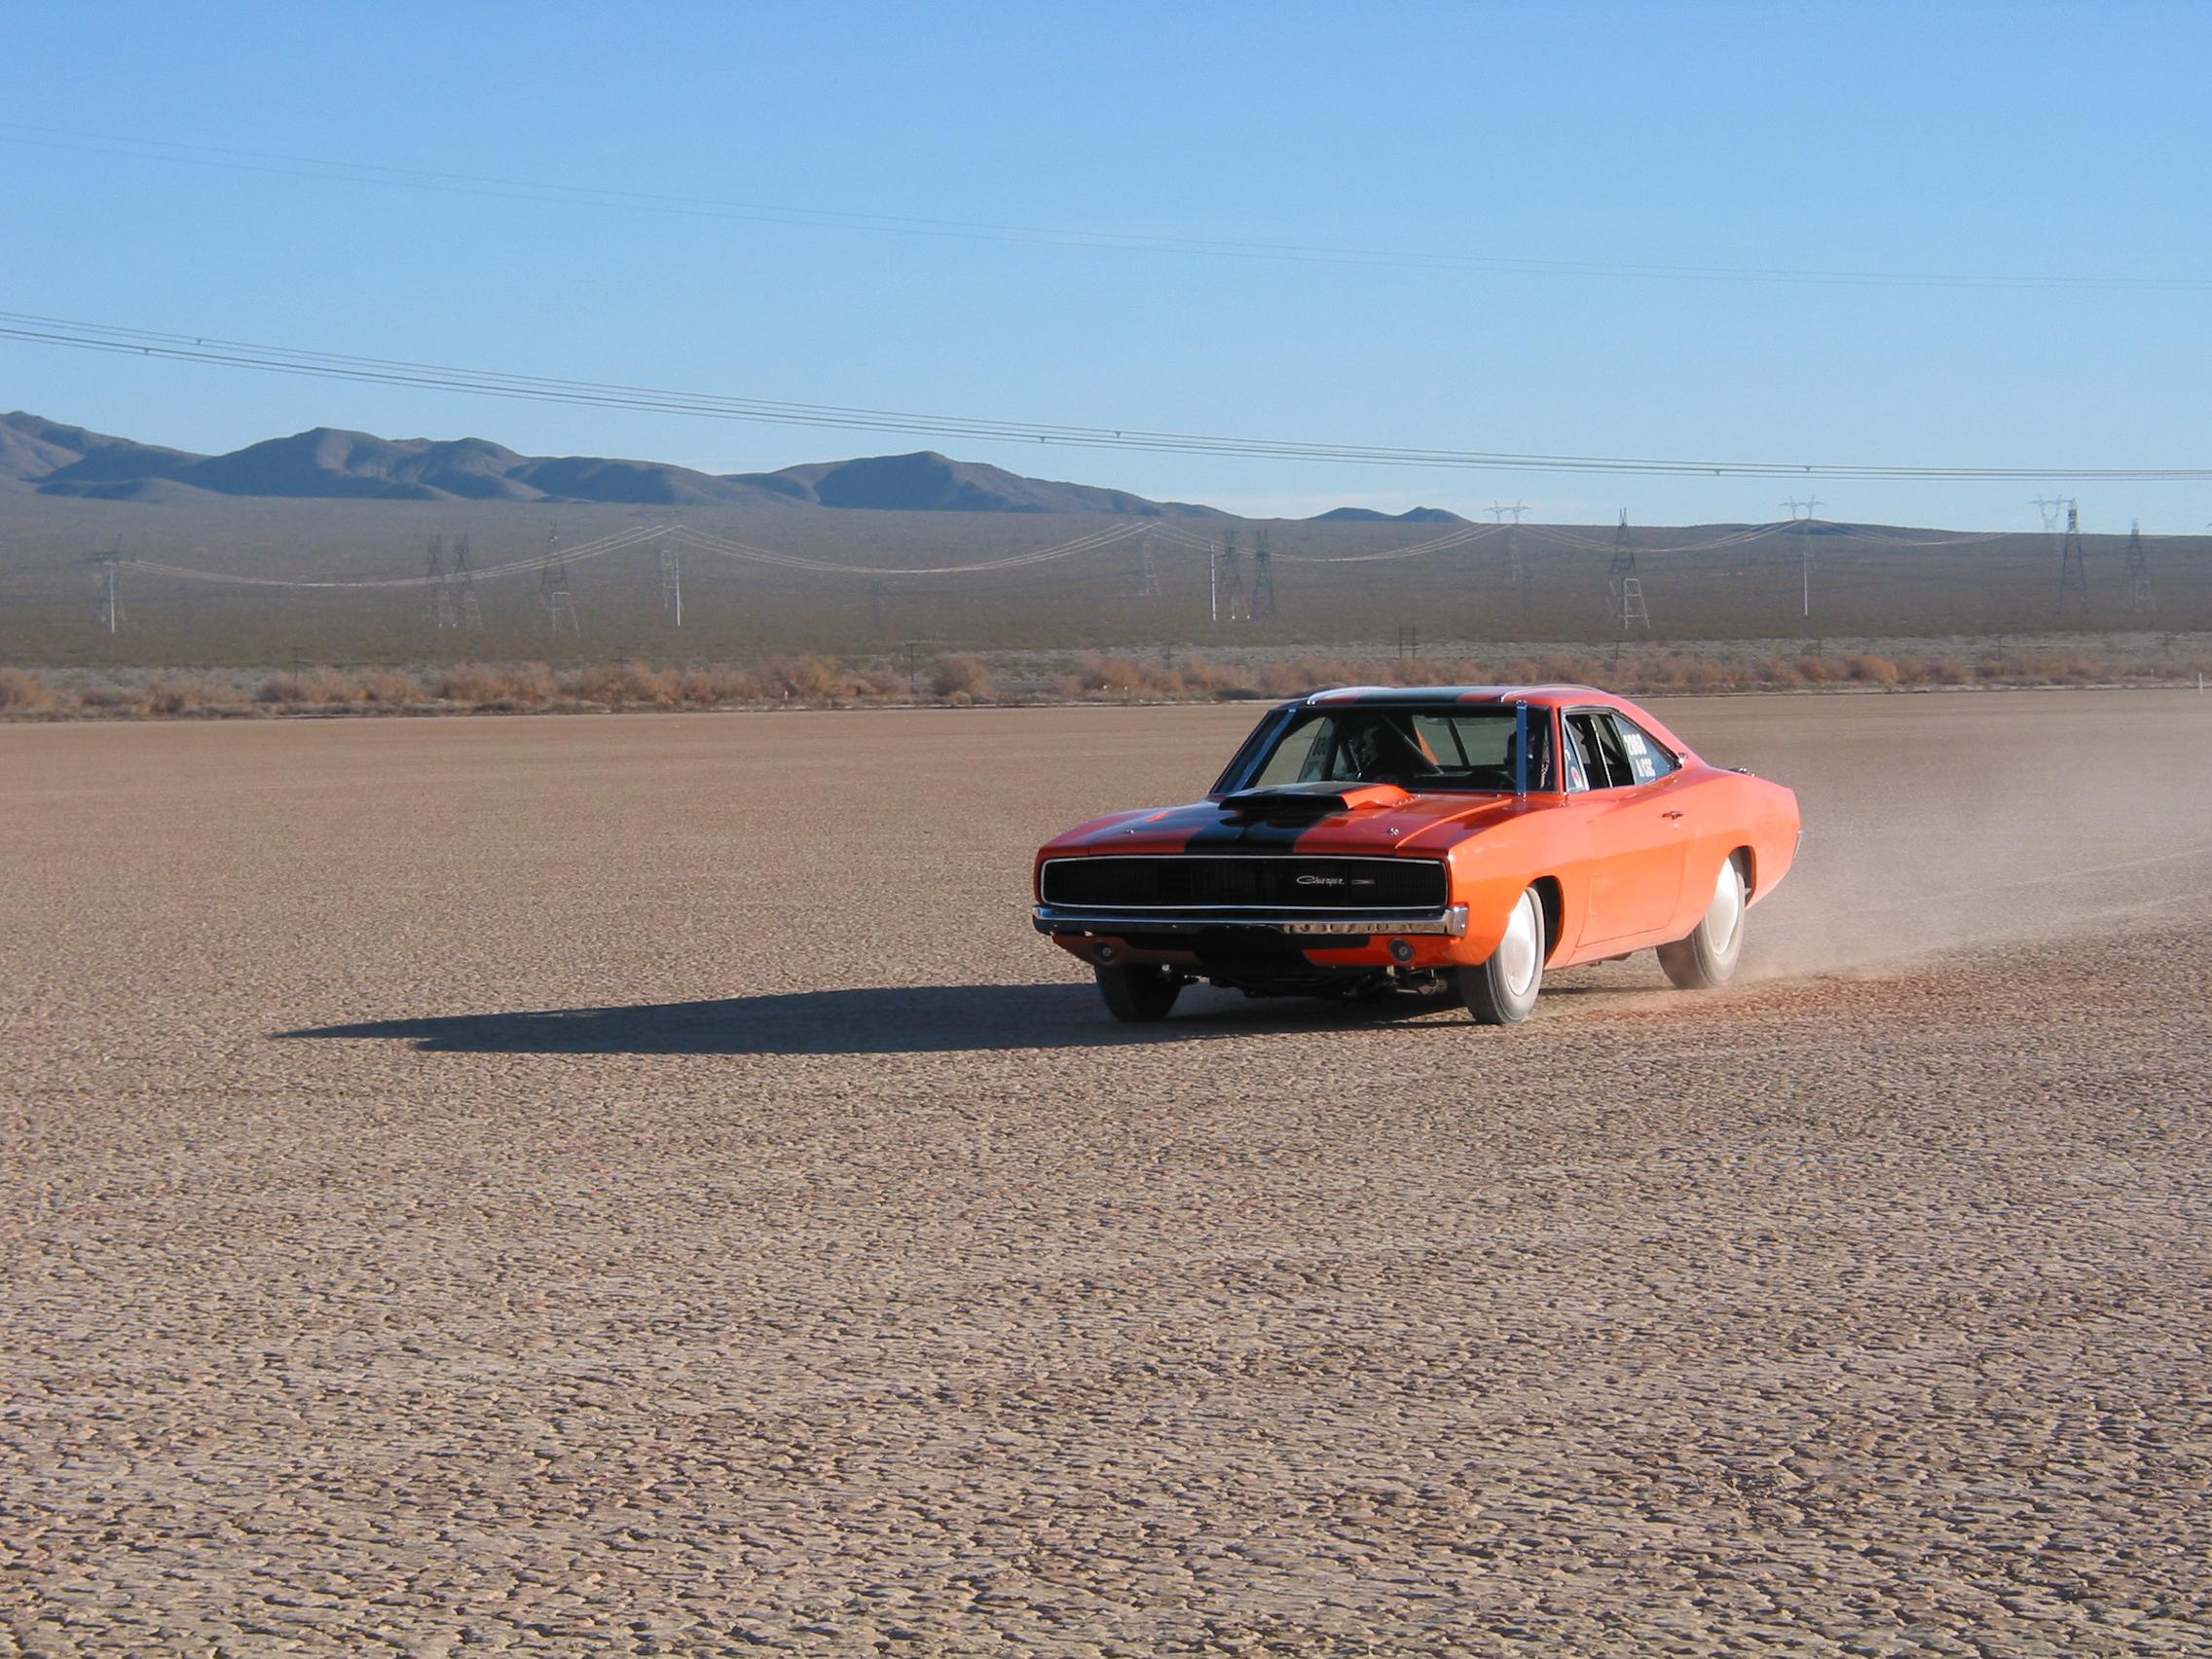 El Mirage Dodge Charger Salt Flats